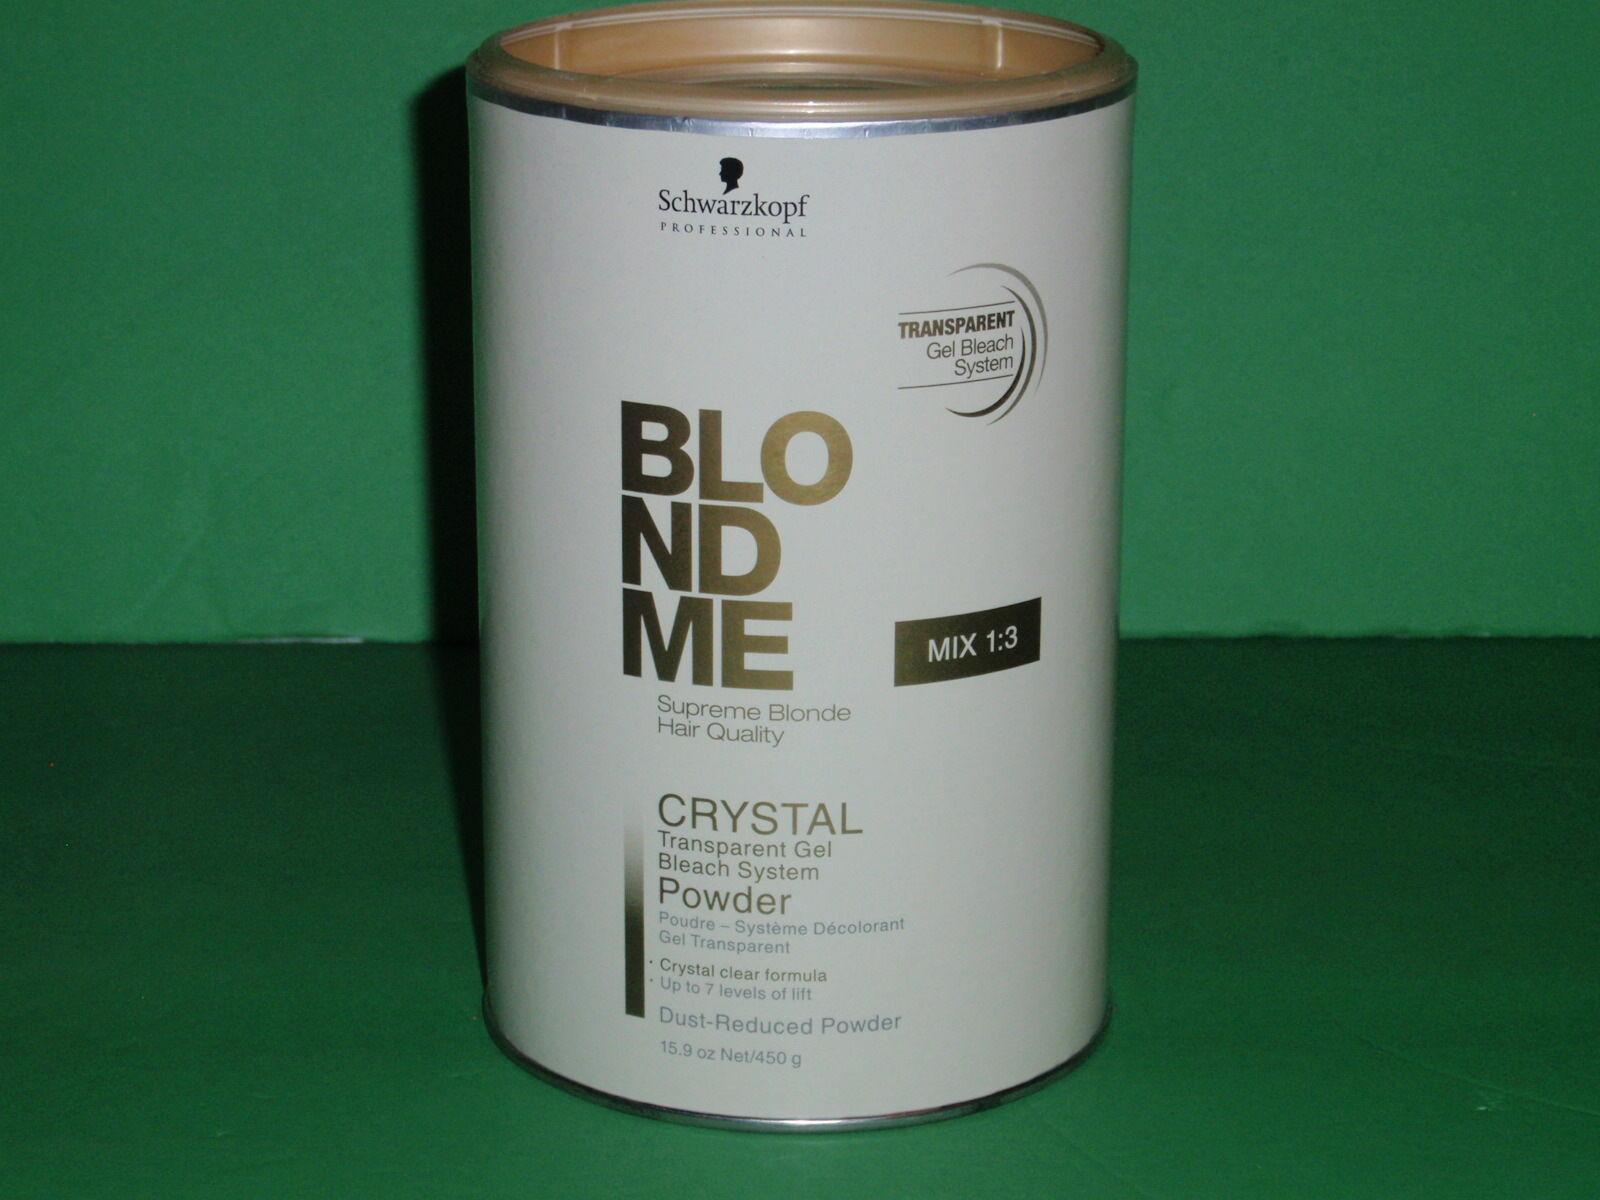 Schwarzkopf Blond Me Crystal Powder 450g   eBay